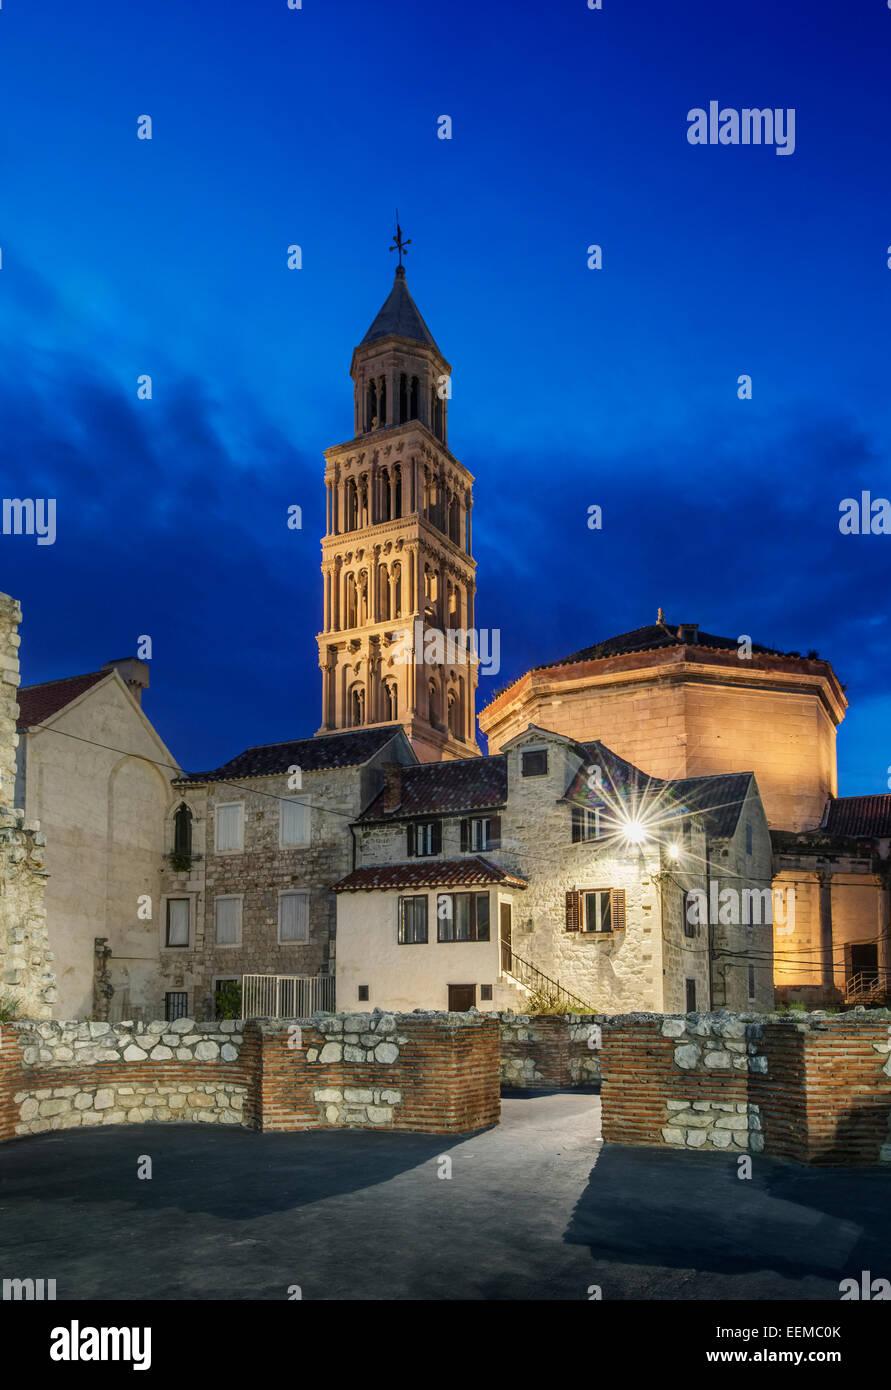 Gebäude und Turm beleuchtet in der Abenddämmerung, Split, Split, Kroatien Stockbild